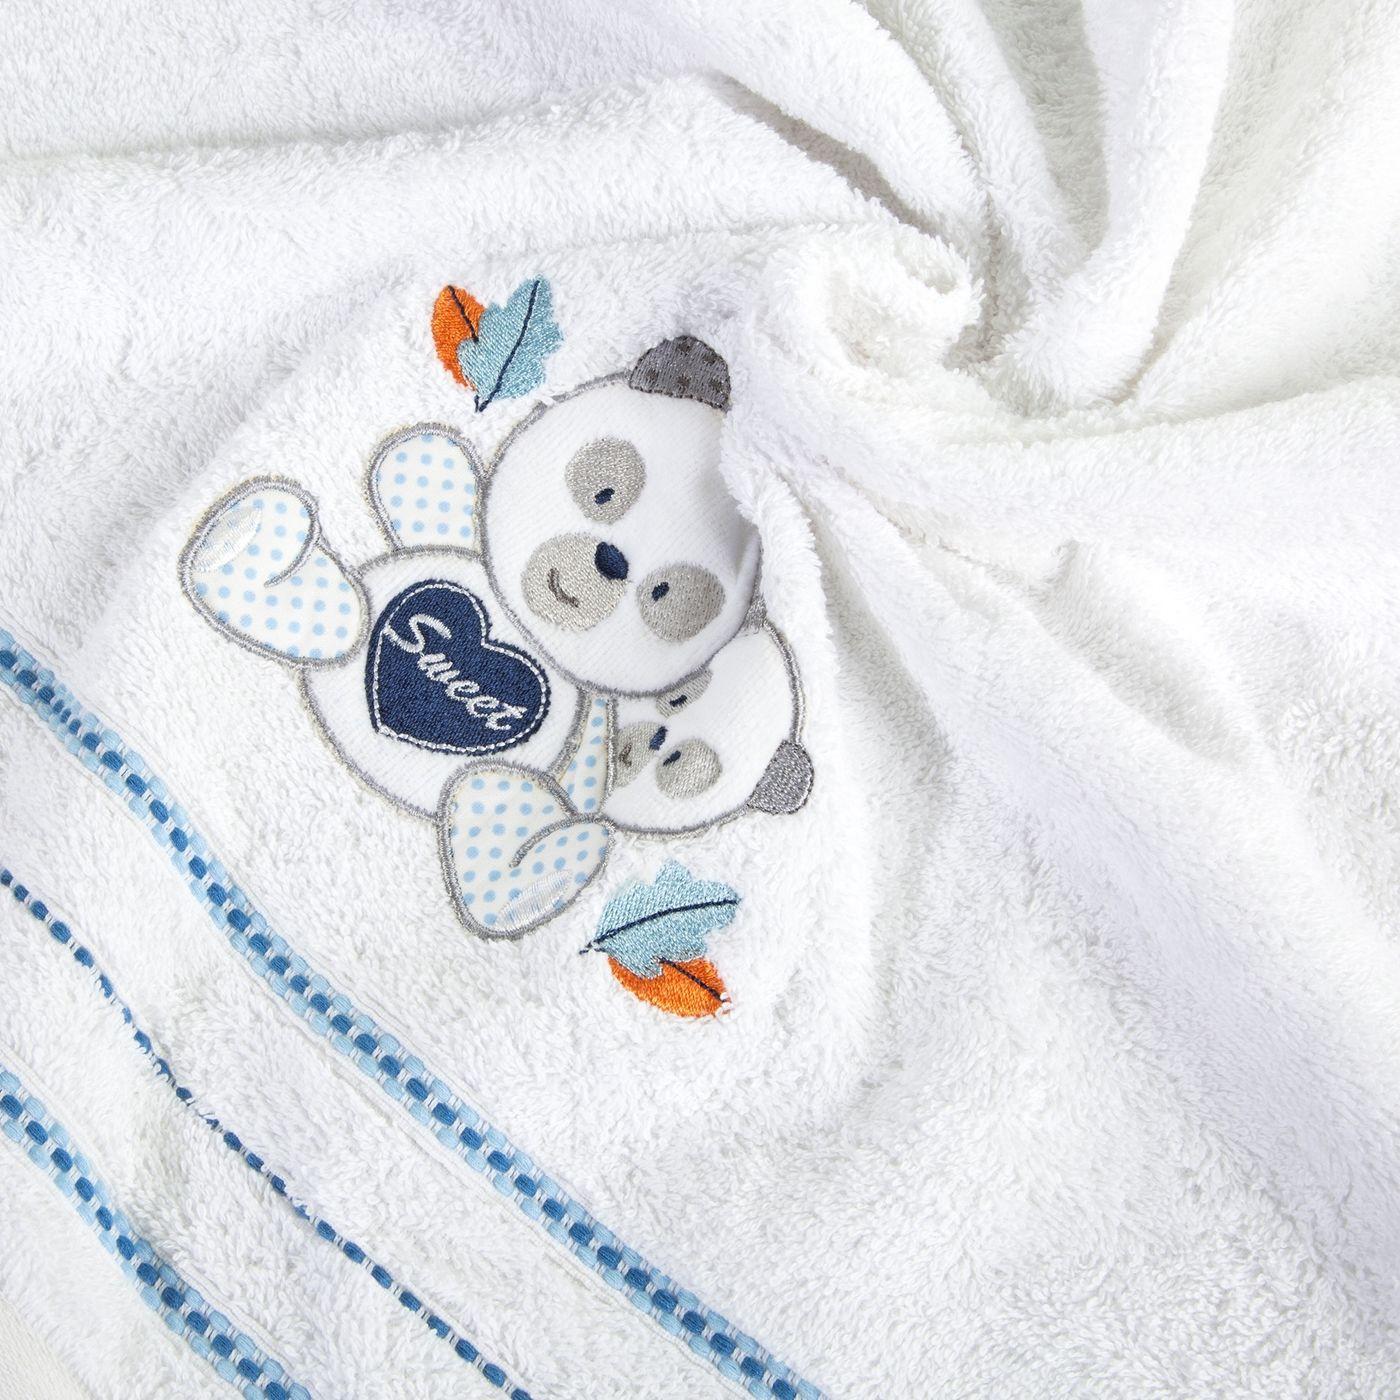 Ręcznik dziecięcy kąpielowy misie biały niebieski 70x140